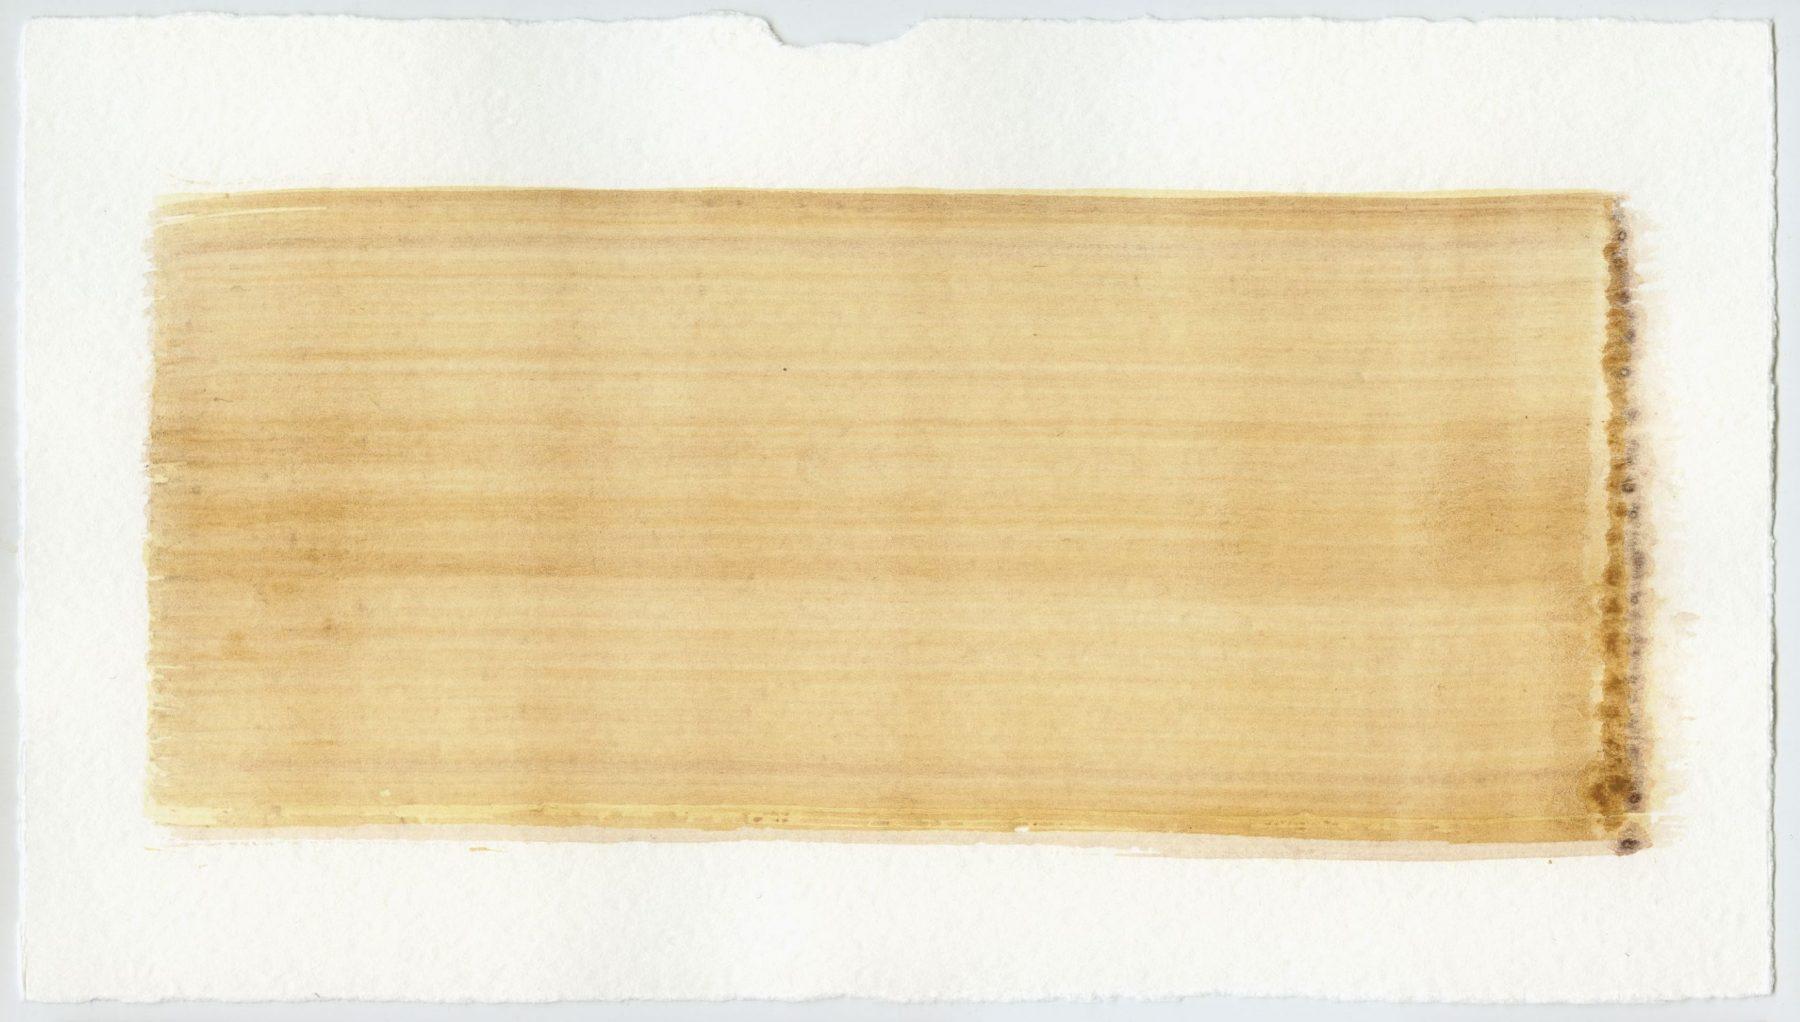 Brush stroke no. 100 - Selfmade pigment: IJzeroer gebrand, IJzeroer